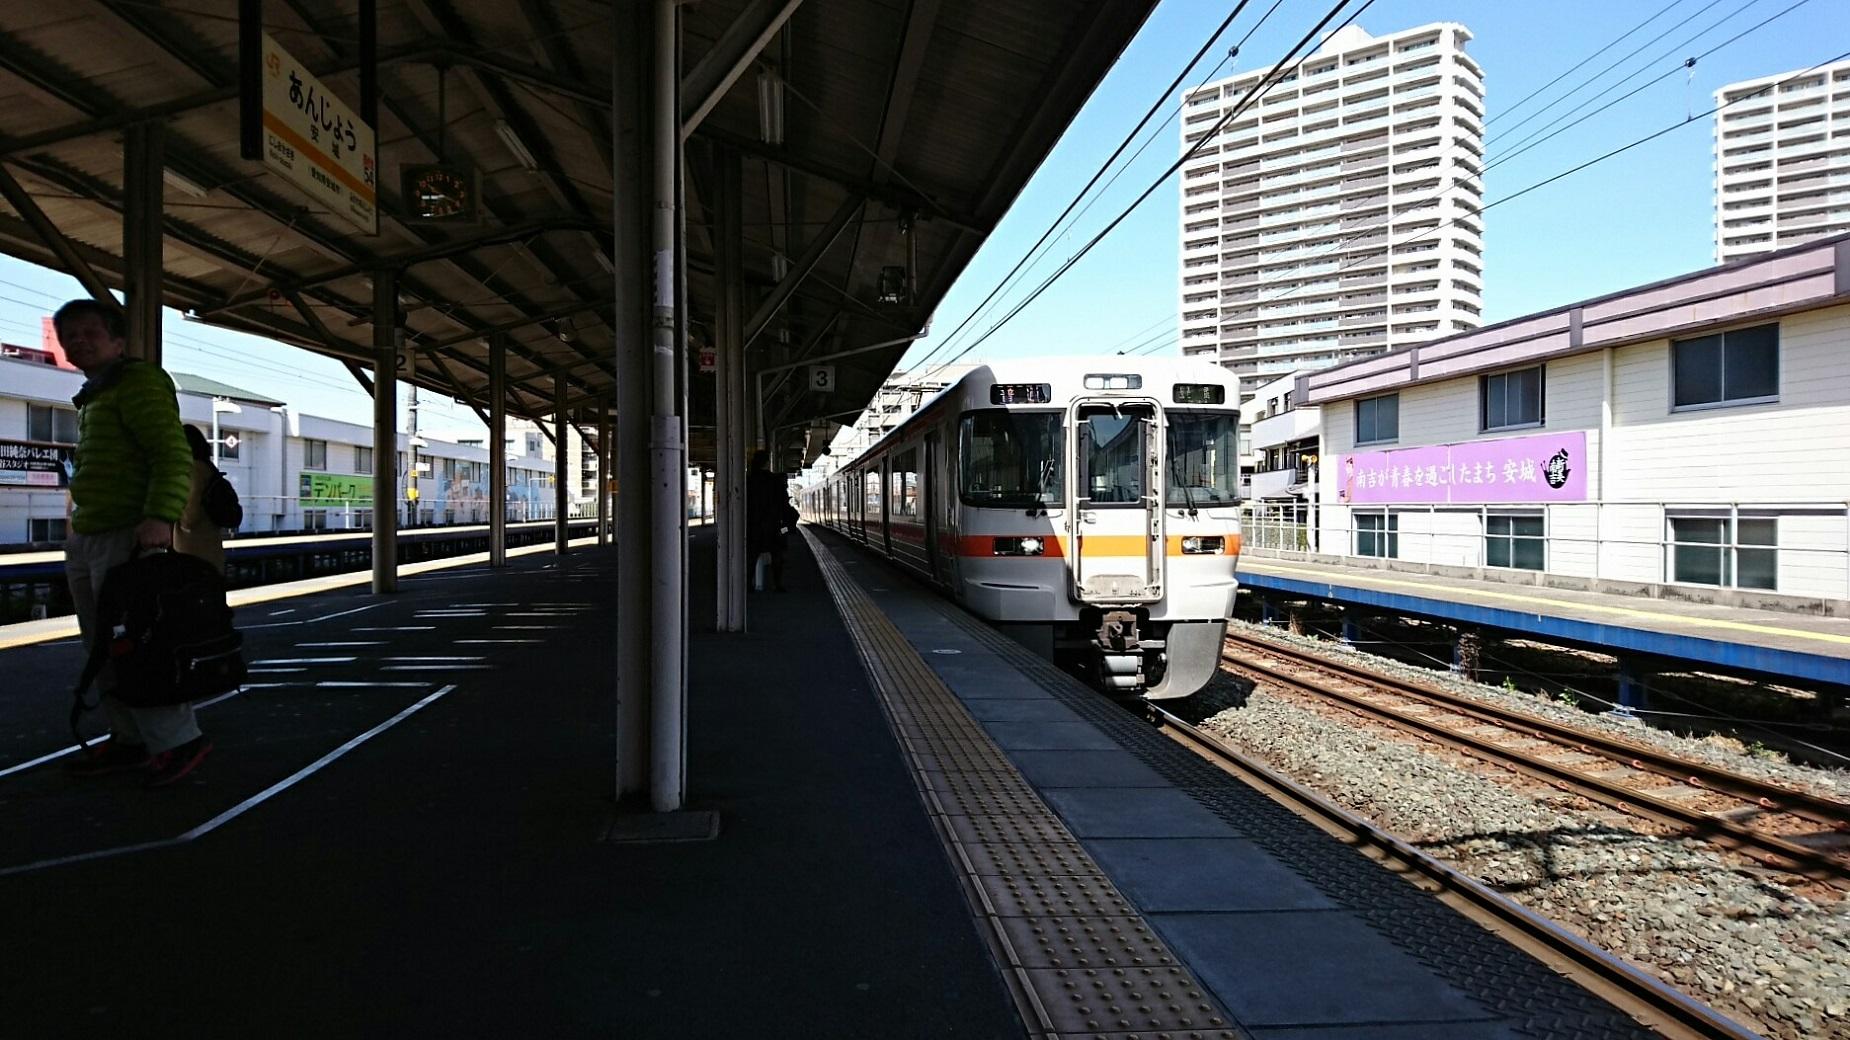 2018.3.23 東海道線 (6) あんじょう - 豊橋いきふつう 1850-1040